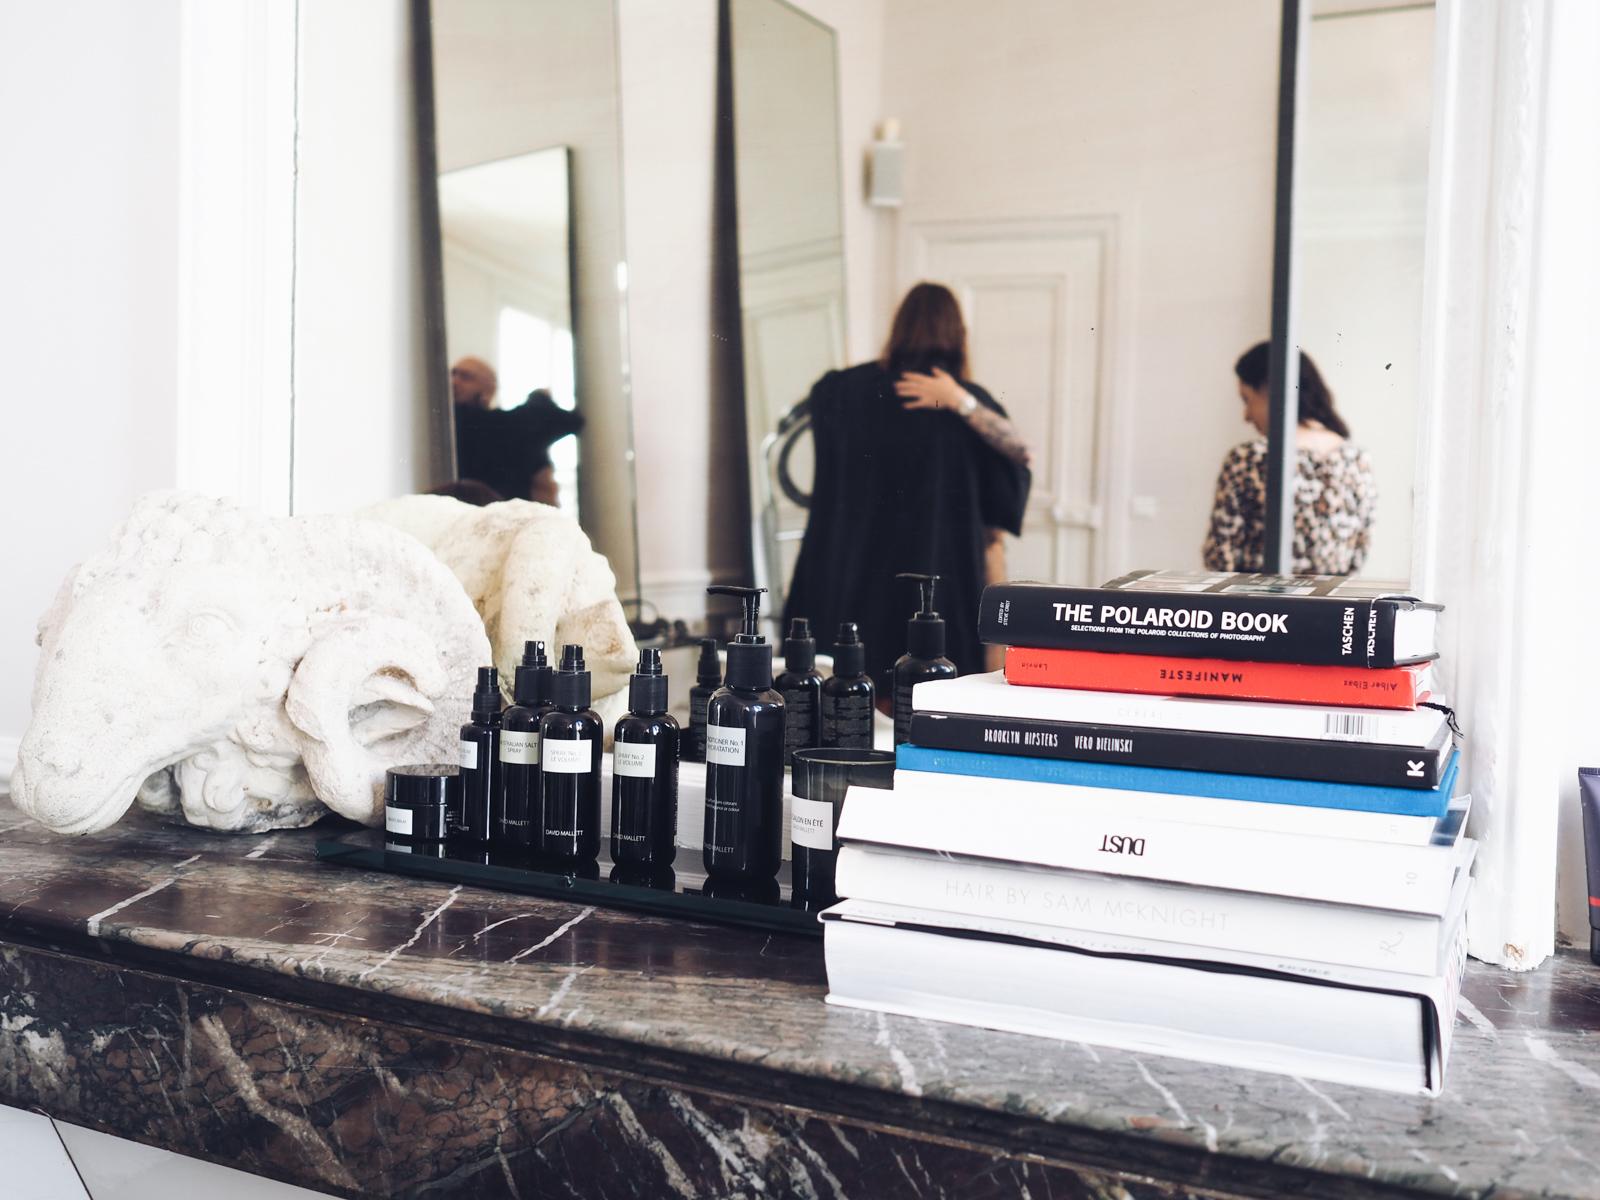 David Mallett coiffeur salon paris avis l La Fiancee du Panda blog mariage-6282726